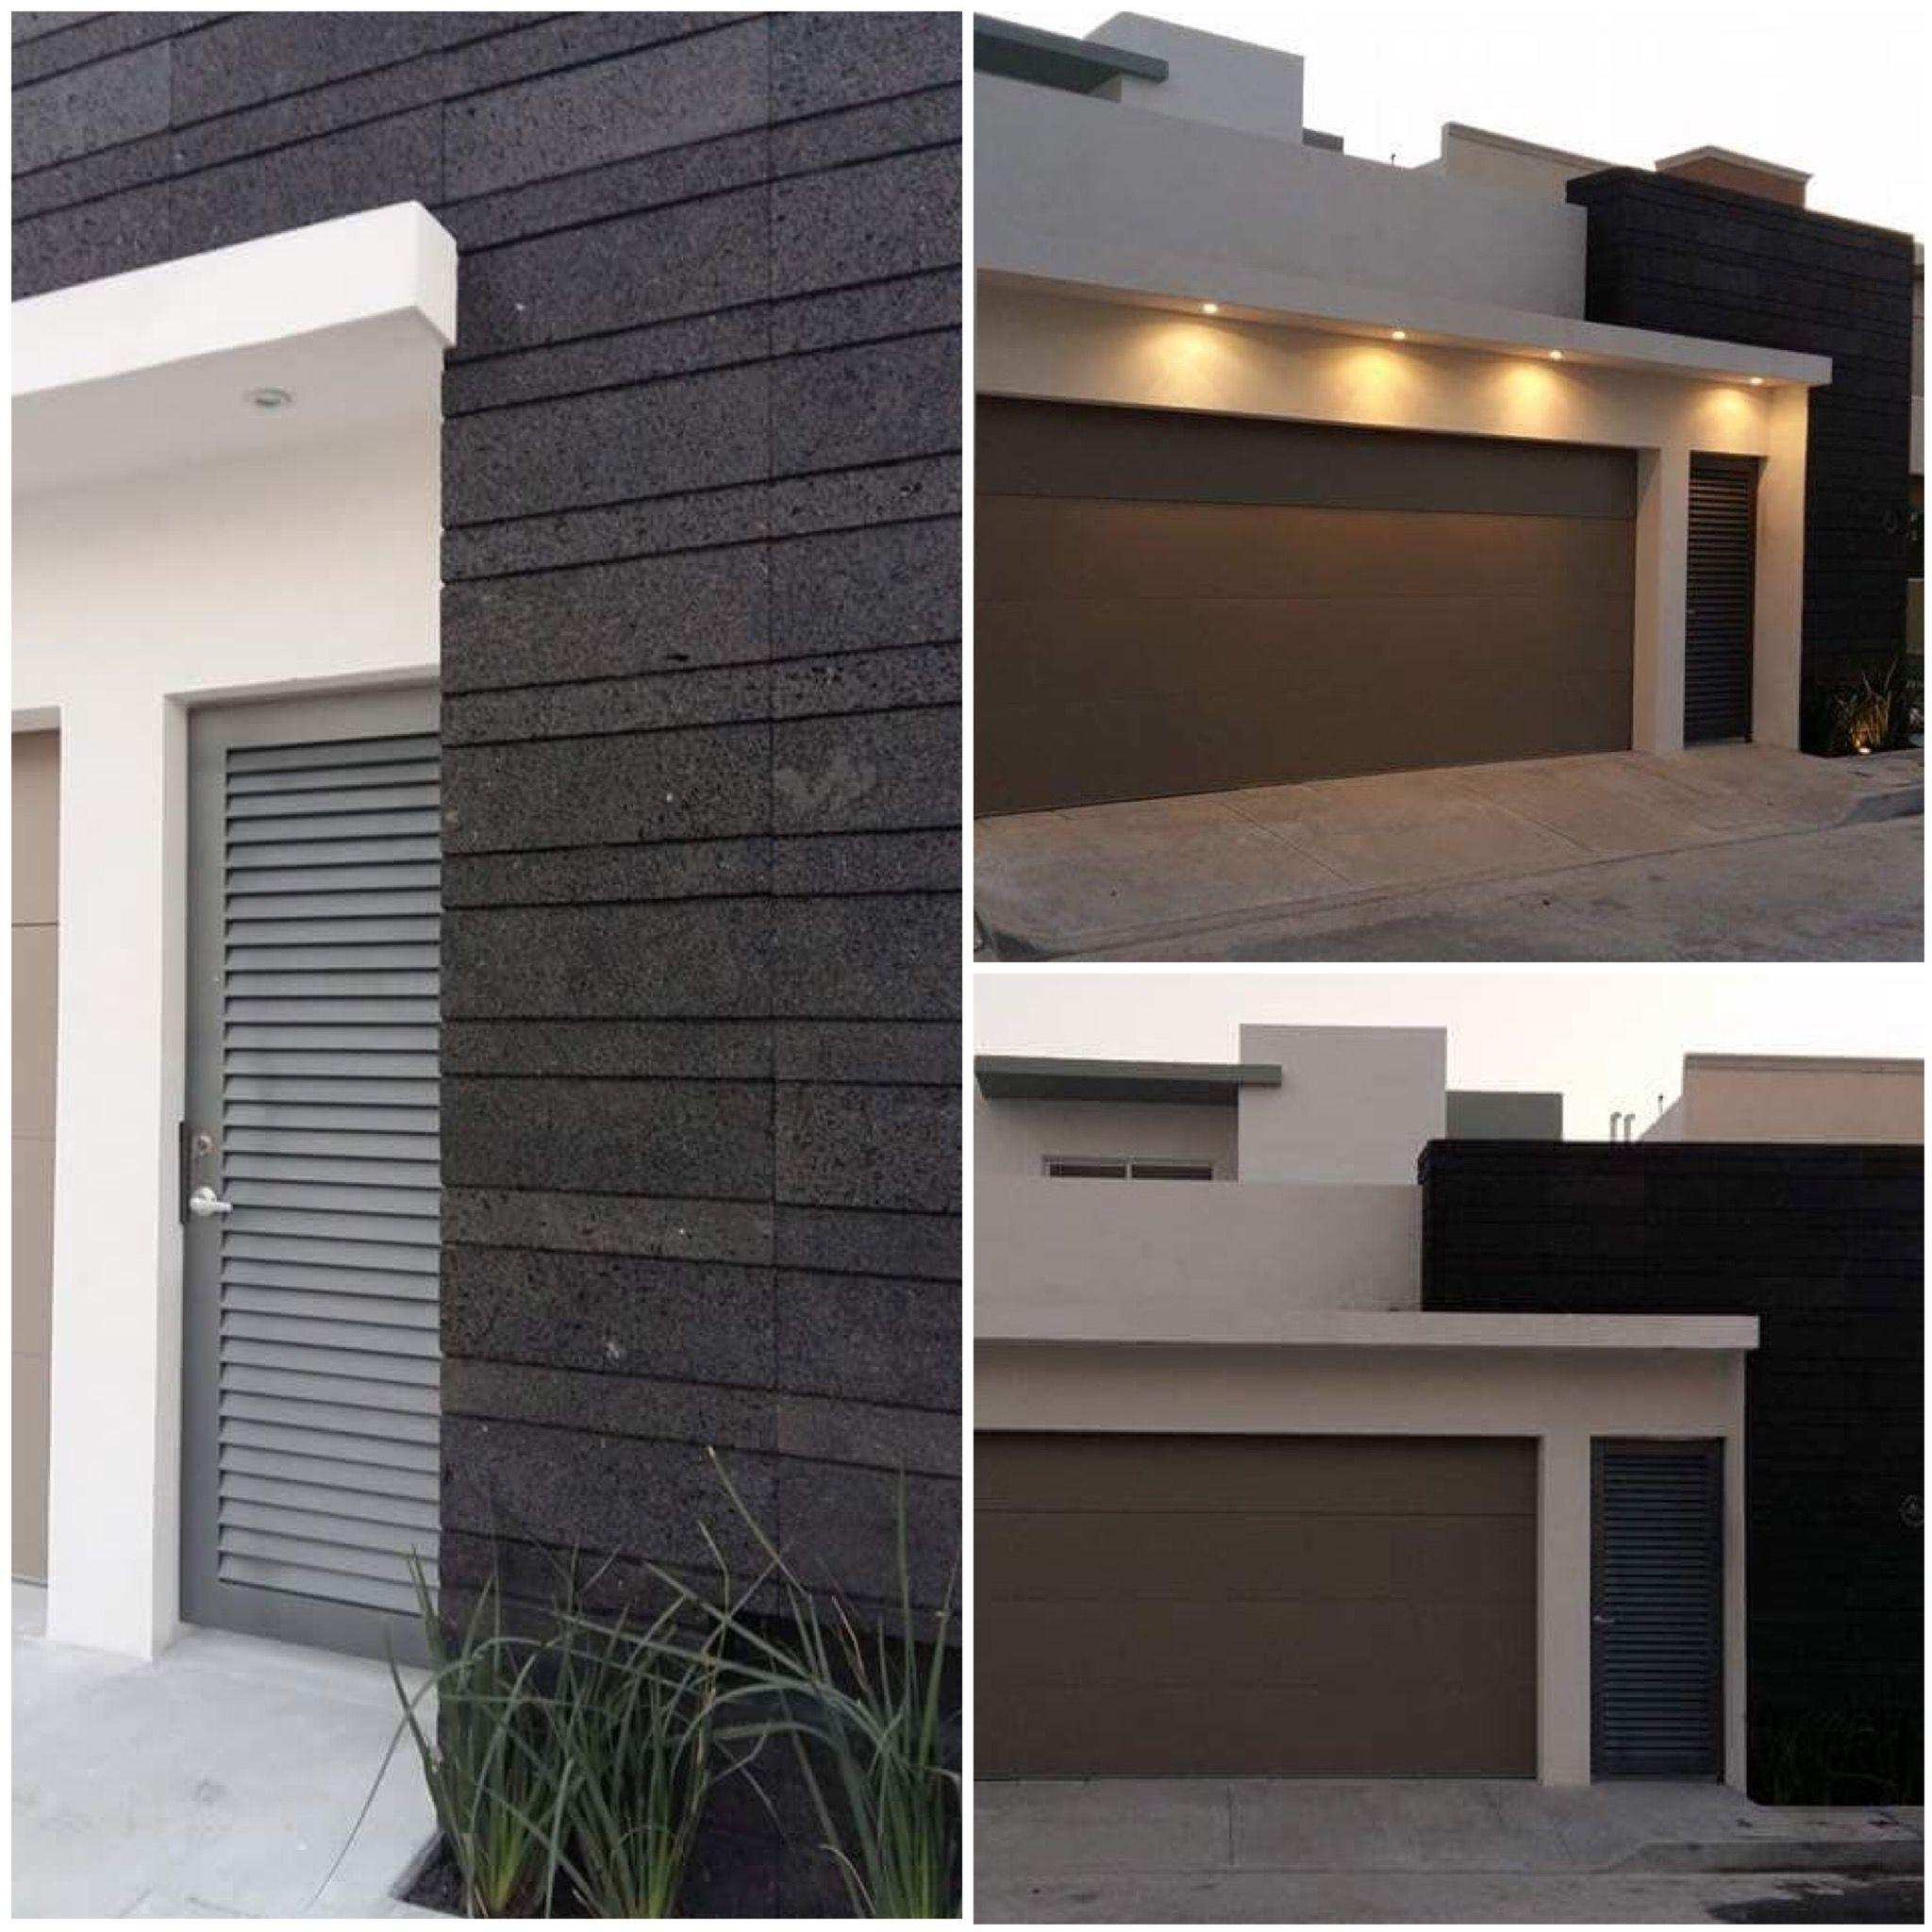 Fachada moderna con cantera de casa mexicana fachada for Buscar casas modernas